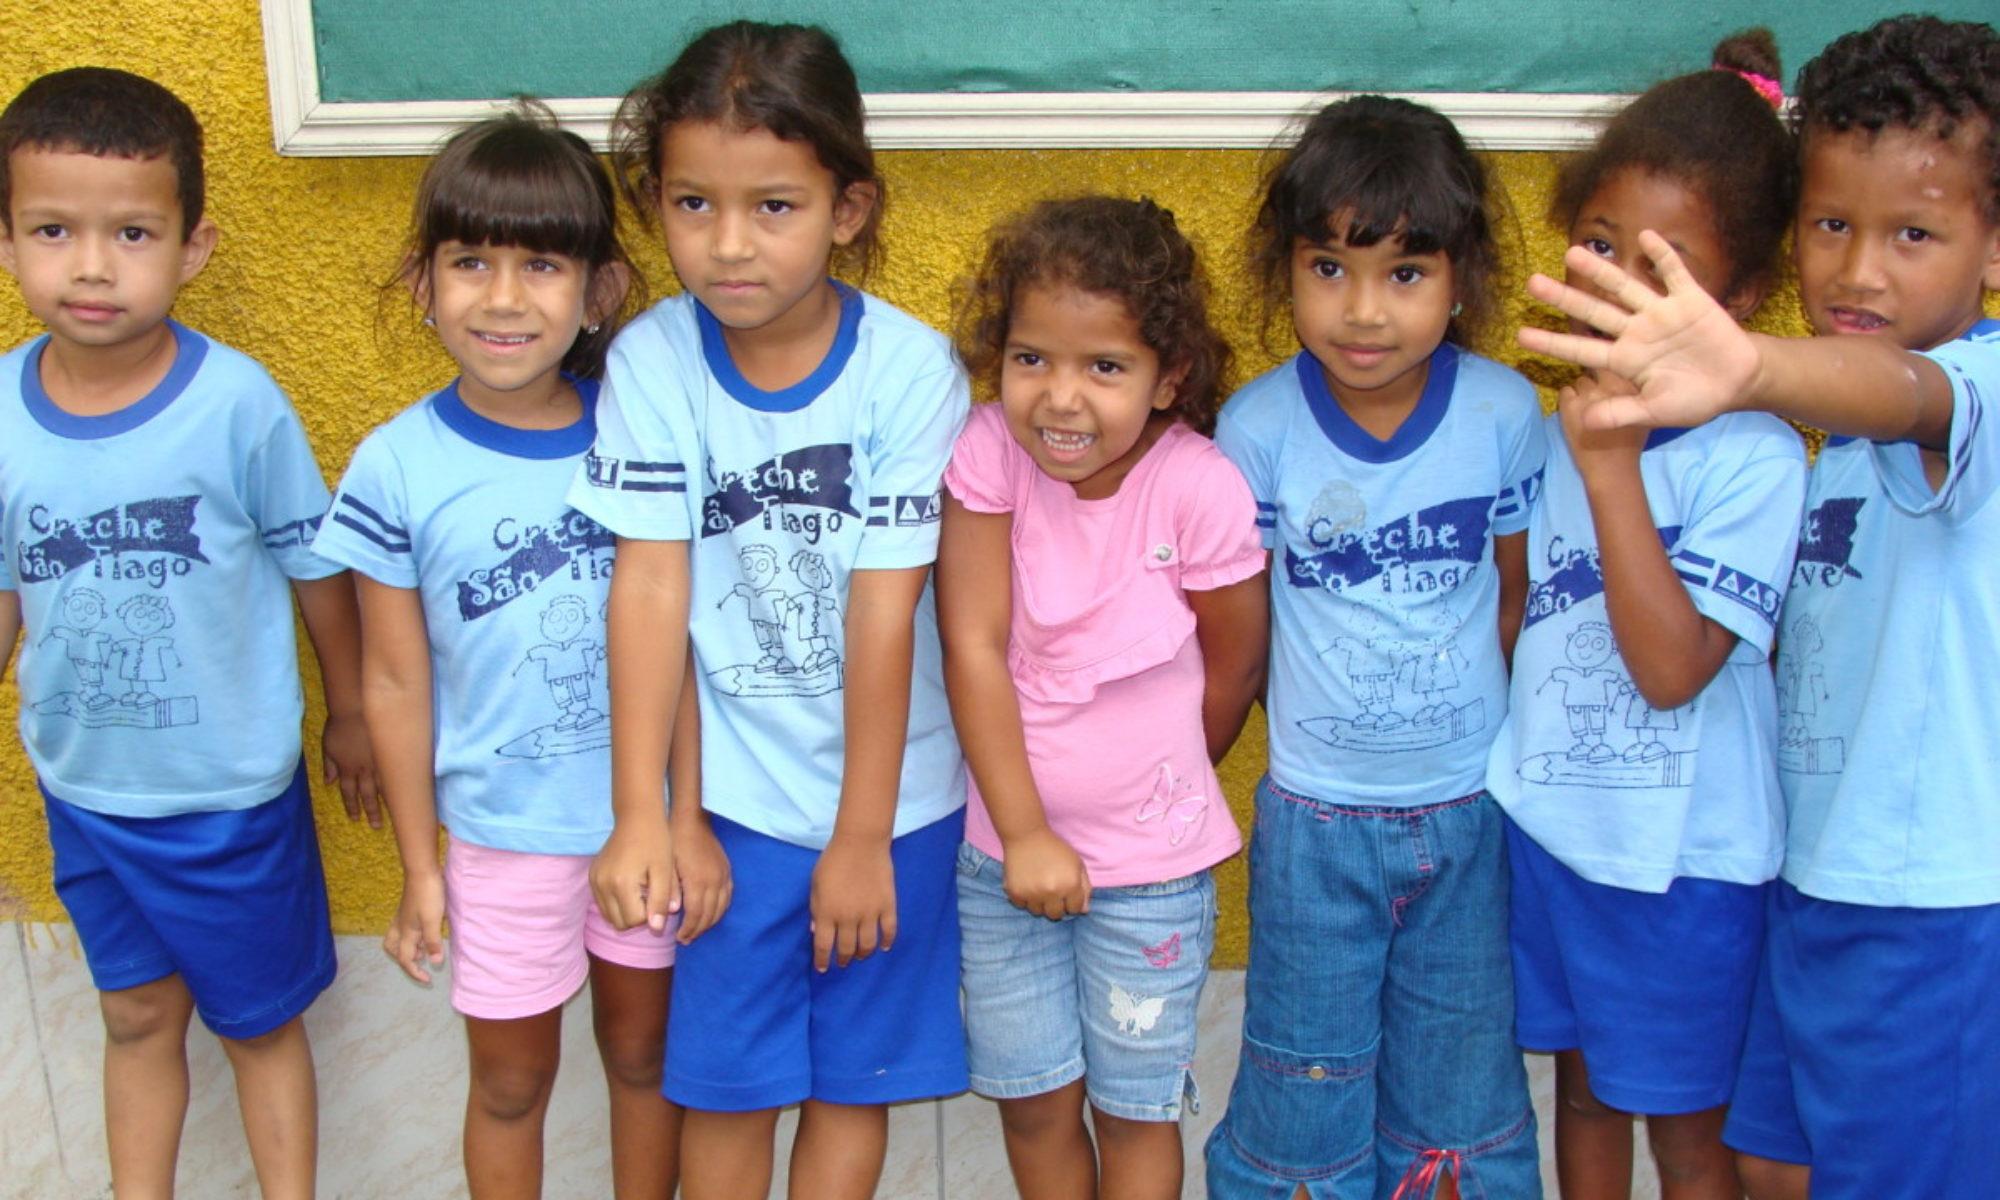 Stichting São Tiago